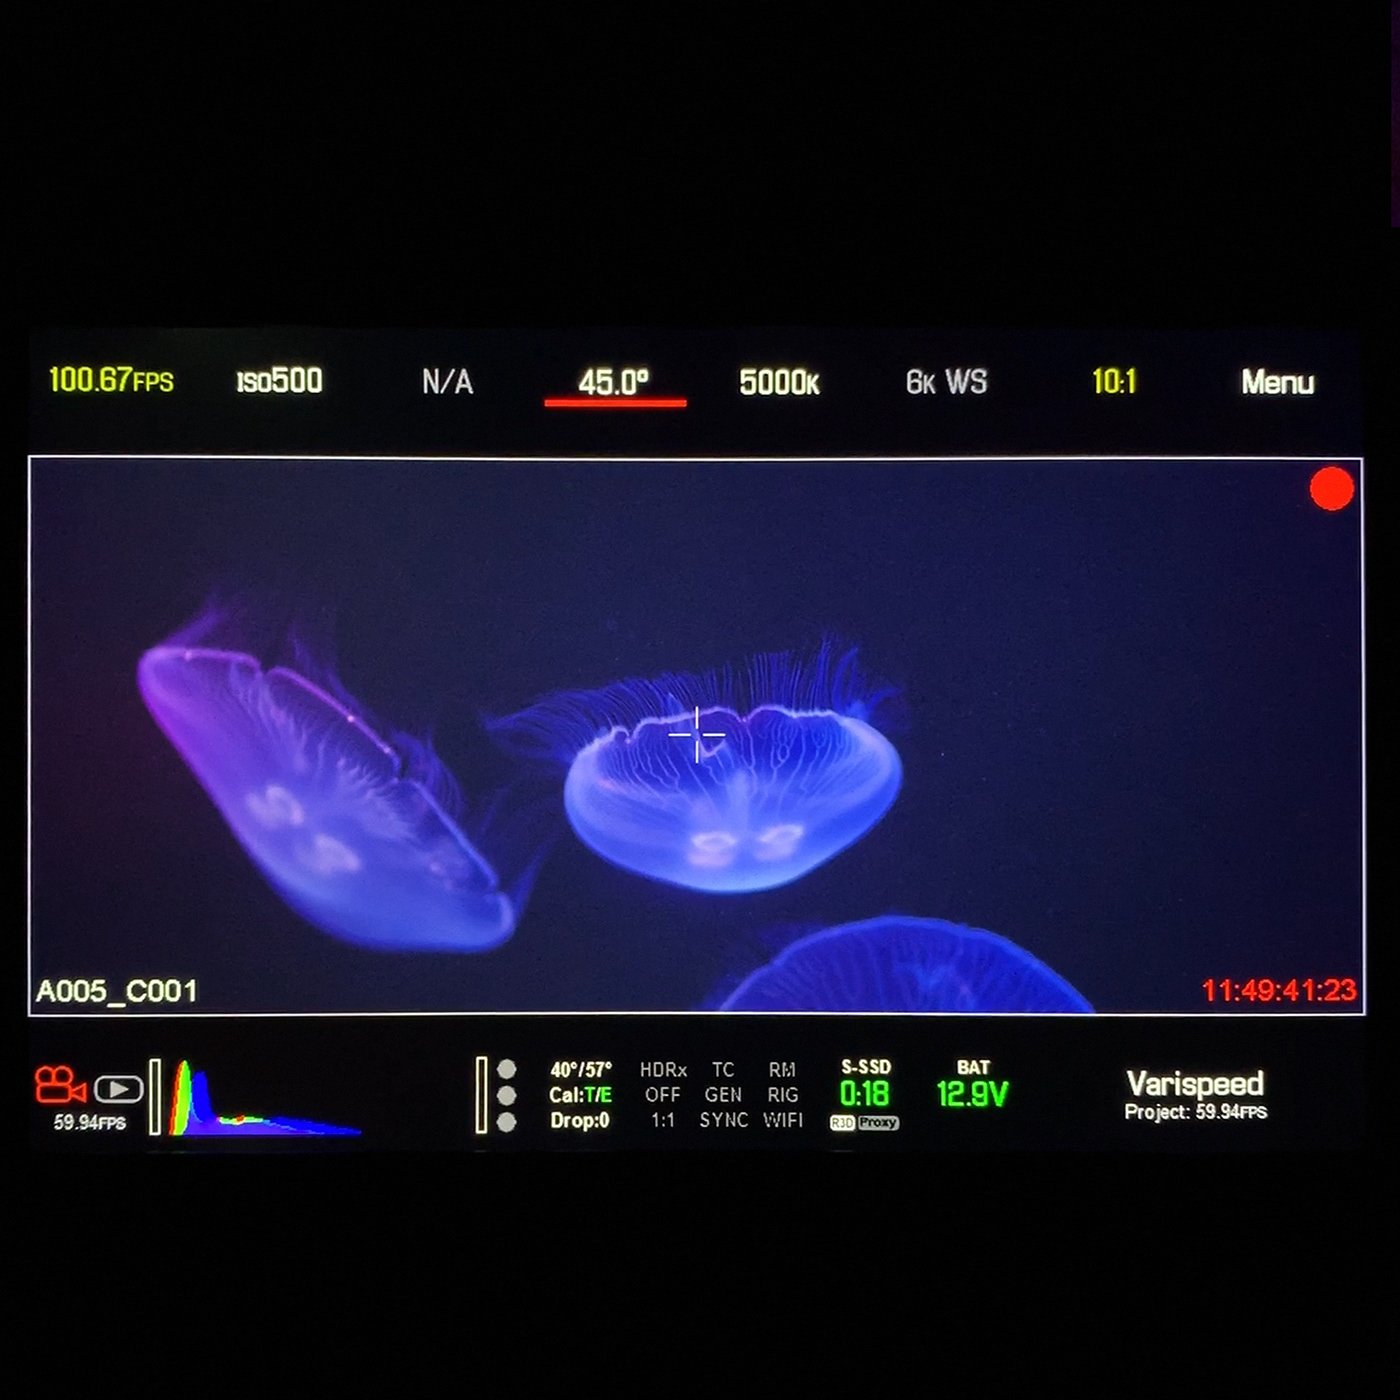 Image may contain: monitor, screenshot and black